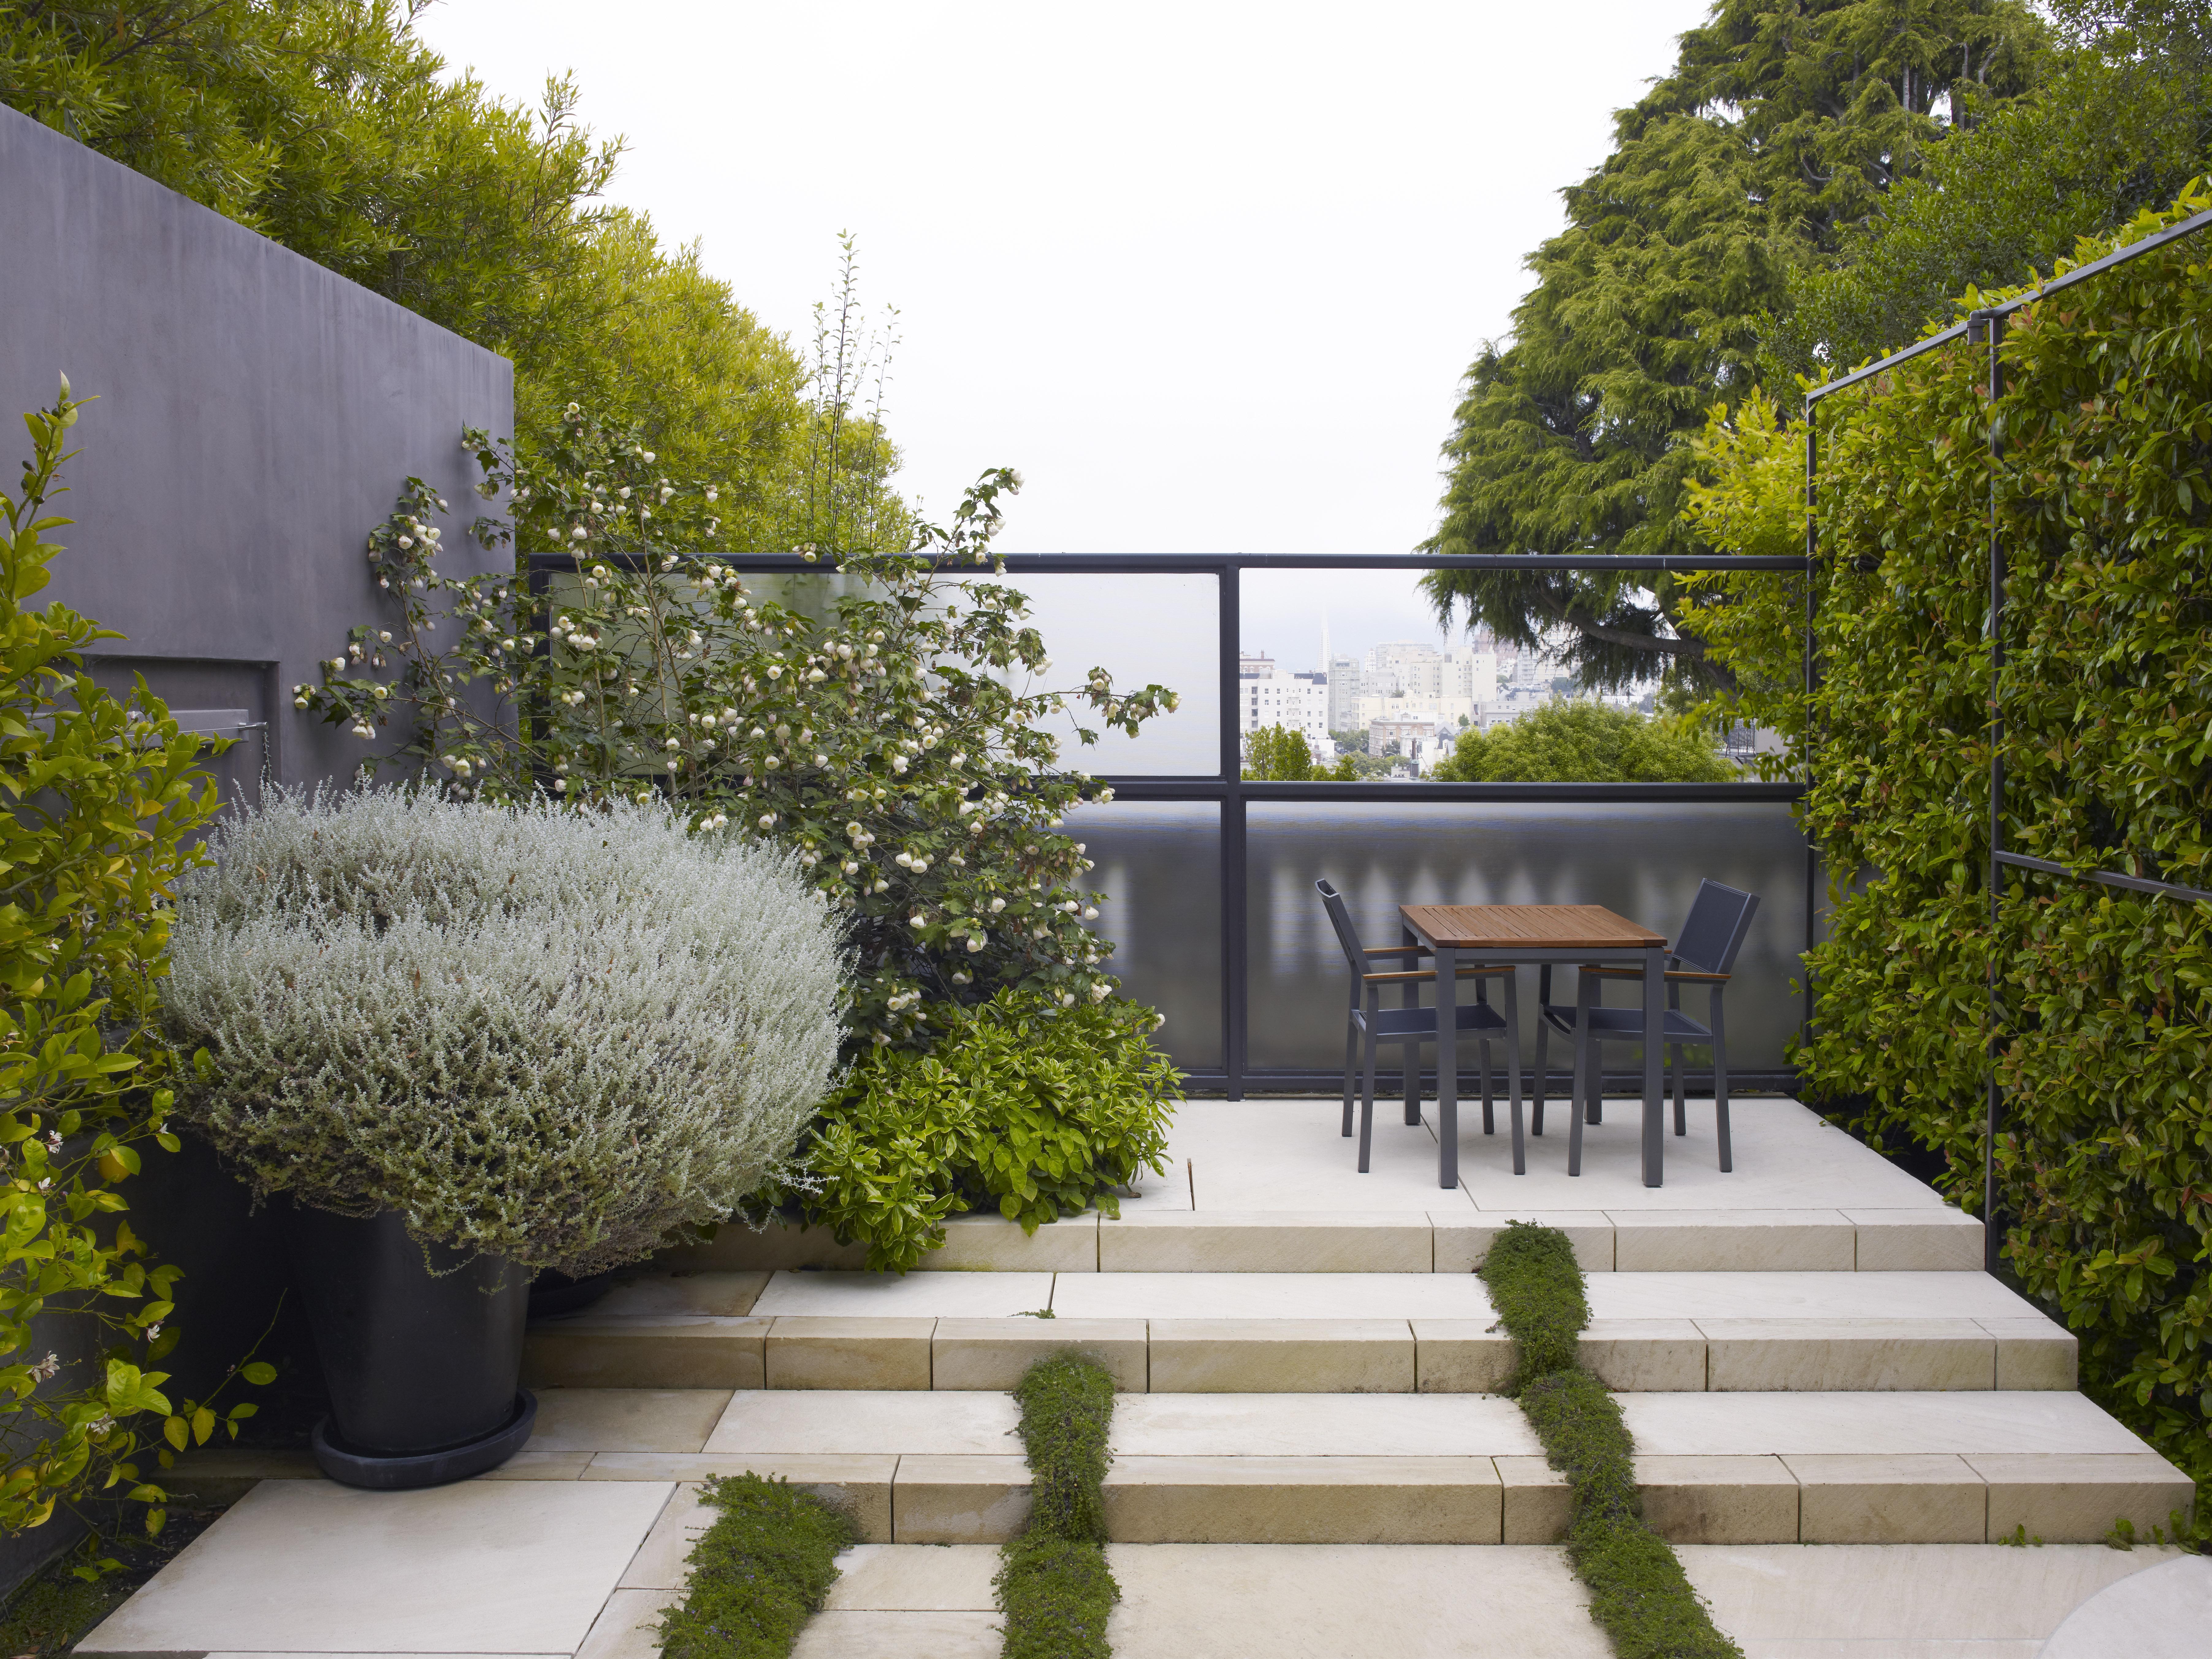 Asla 2010 professional awards san francisco residence for Modern landscape design